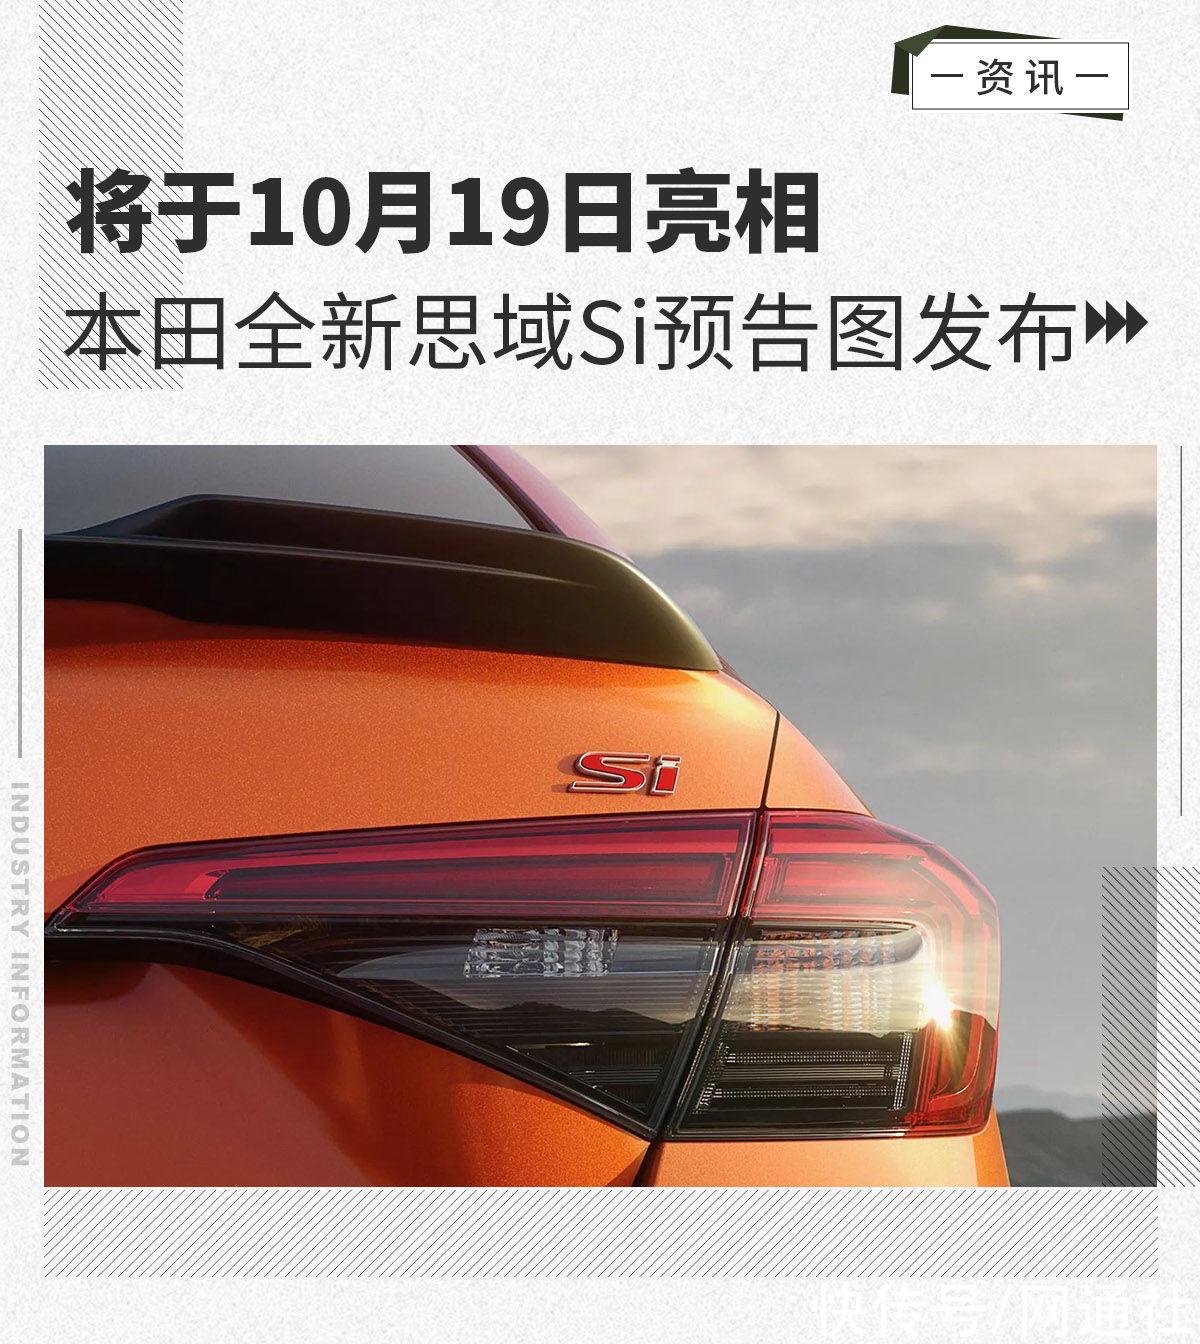 将于10月19日亮相,本田全新思域Si预告图发布